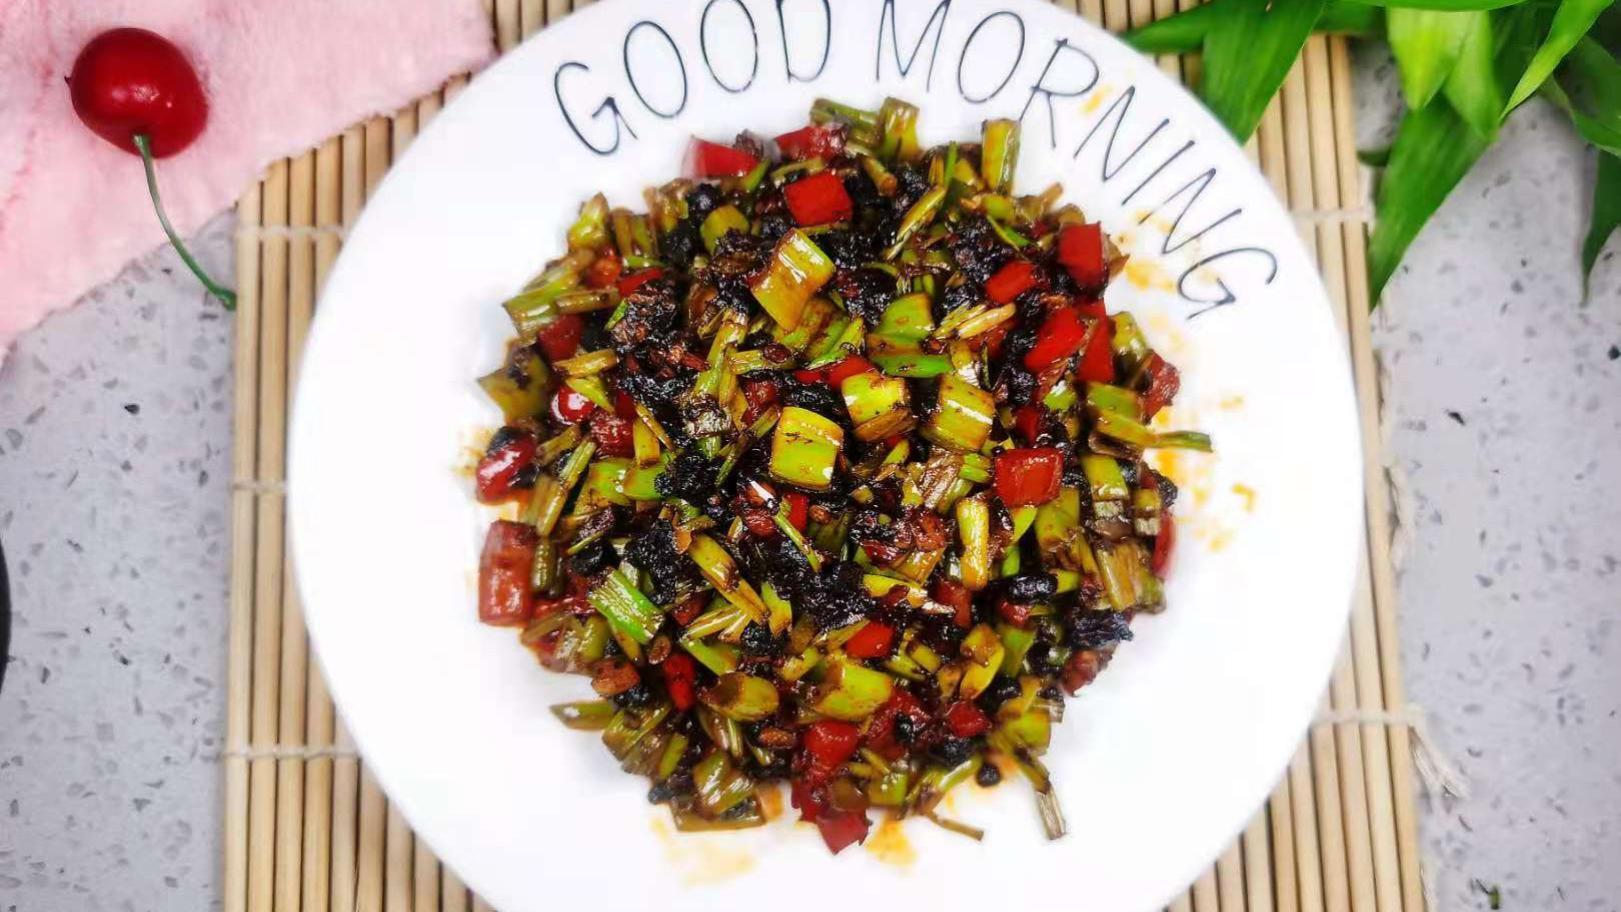 夏季最该吃的不是芹菜,而是它,随手一炒,开胃解暑,越吃越瘦